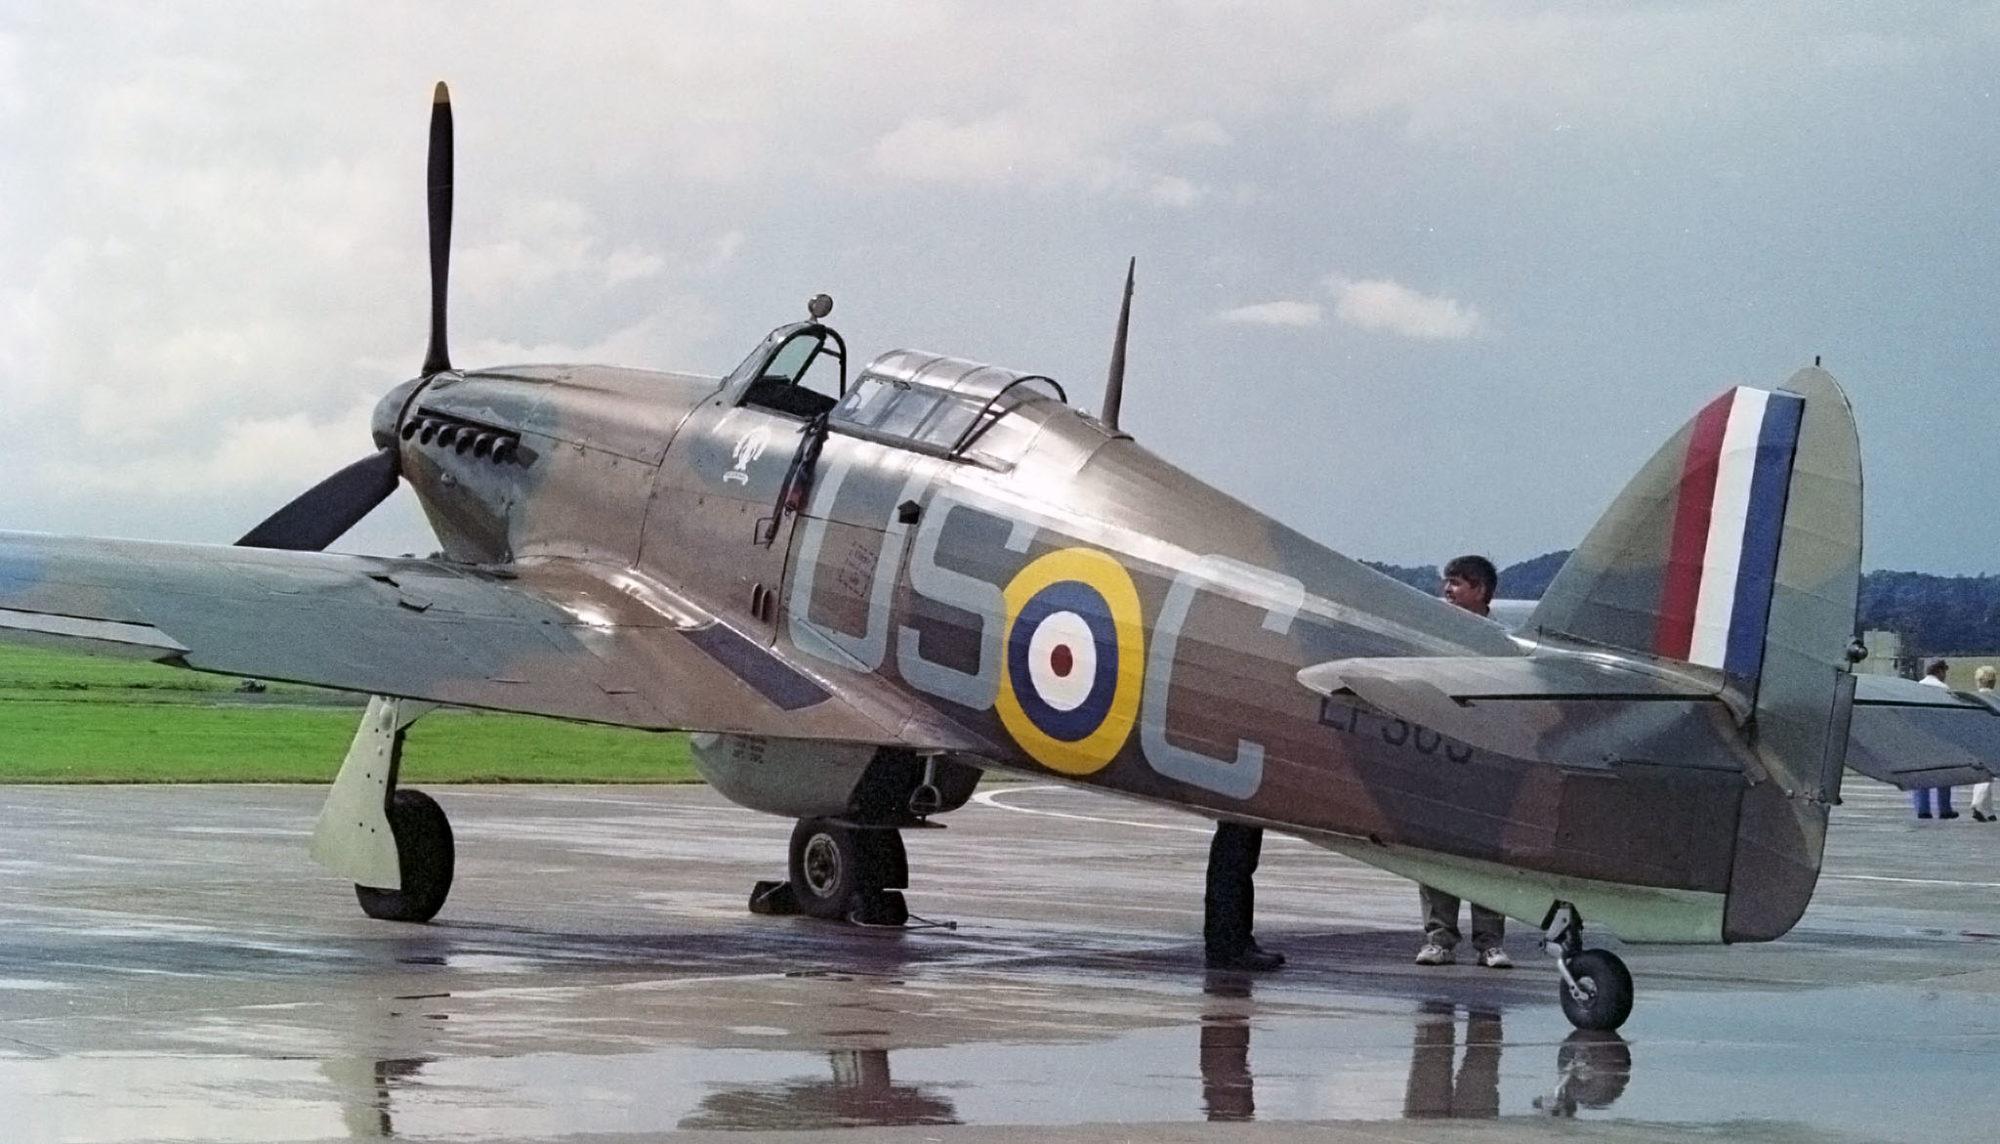 Le Hawker Hurricane Mk IIc LF363 du BBMF en juillet 2000, portant les couleurs de l'appareil de Mounsdon durant la Bataille d'Angleterre. (Photo Andrew Thomas (CC BY-SA 2.0))